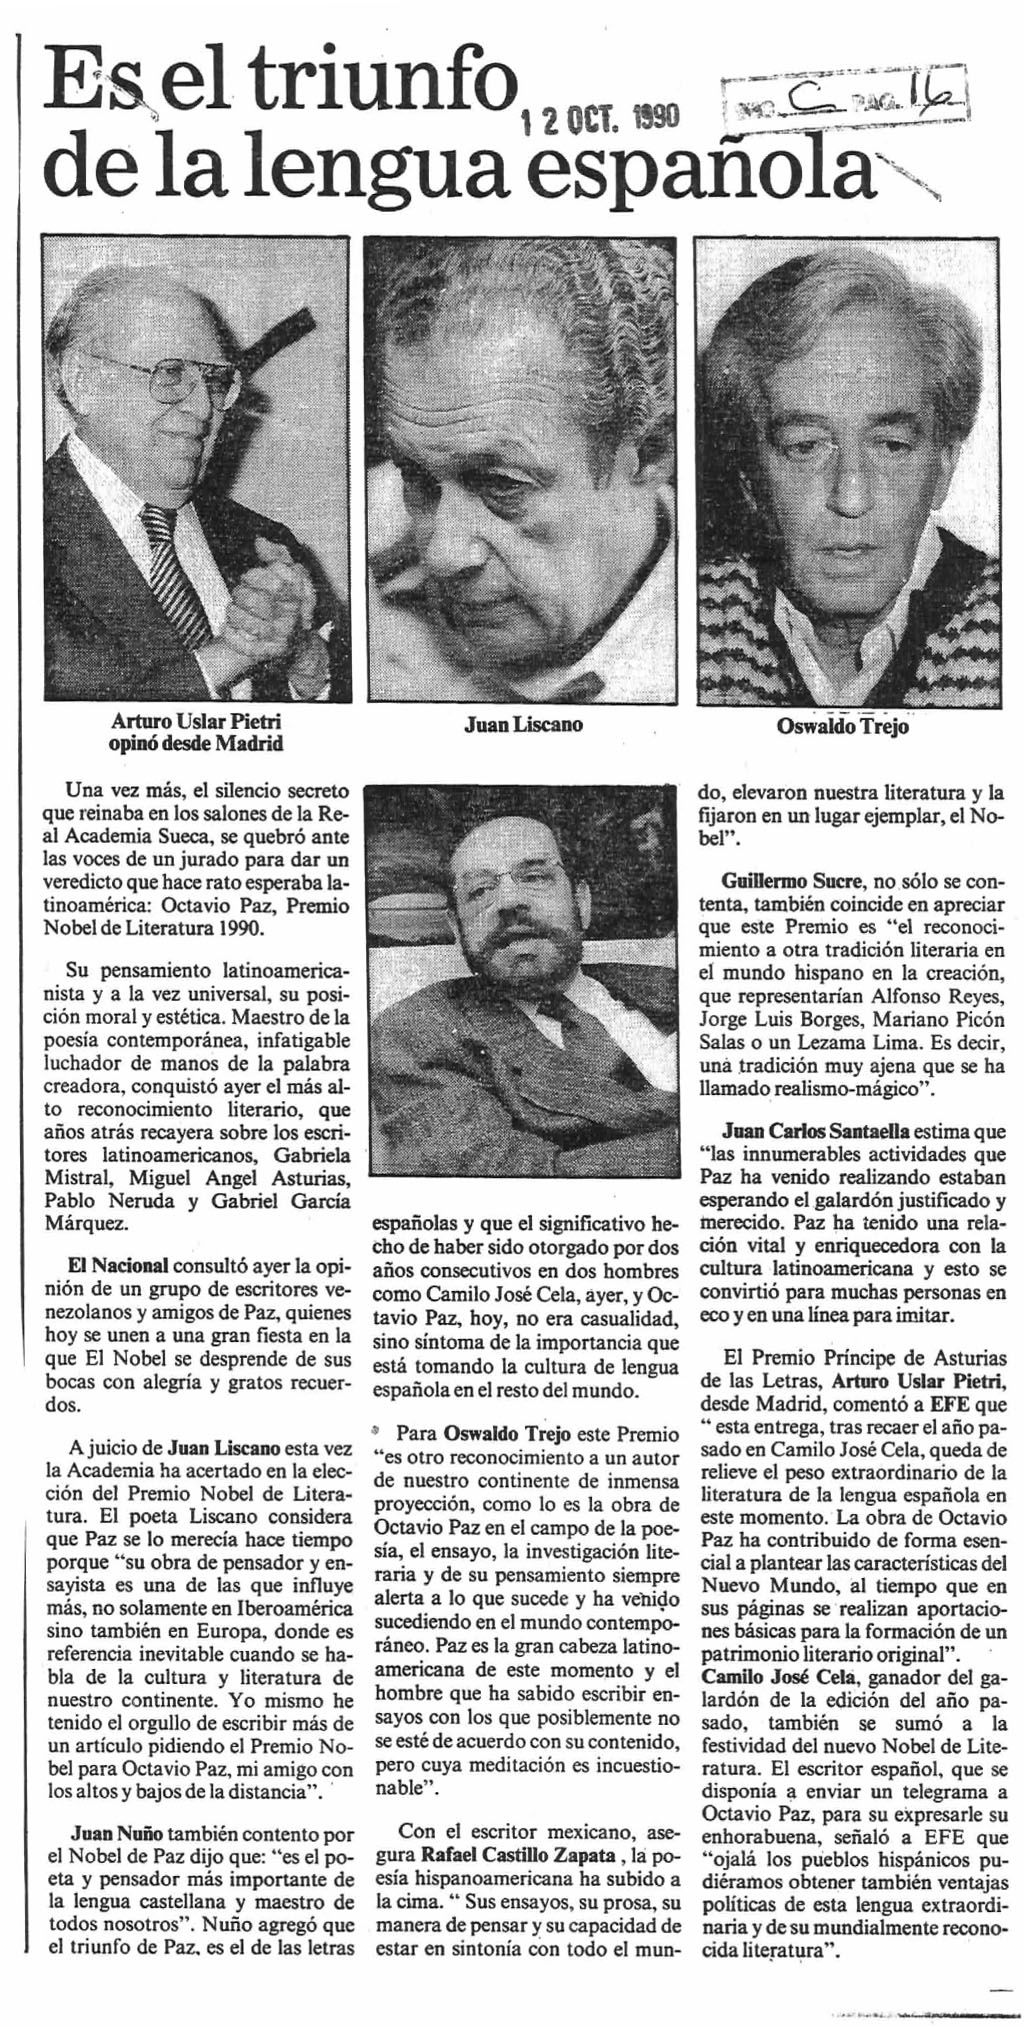 Opinión de intelectuales de Venezuela al enterarse del Nobel de Literatura para Octavio Paz. Publicado el 12 de octubre de 1990.